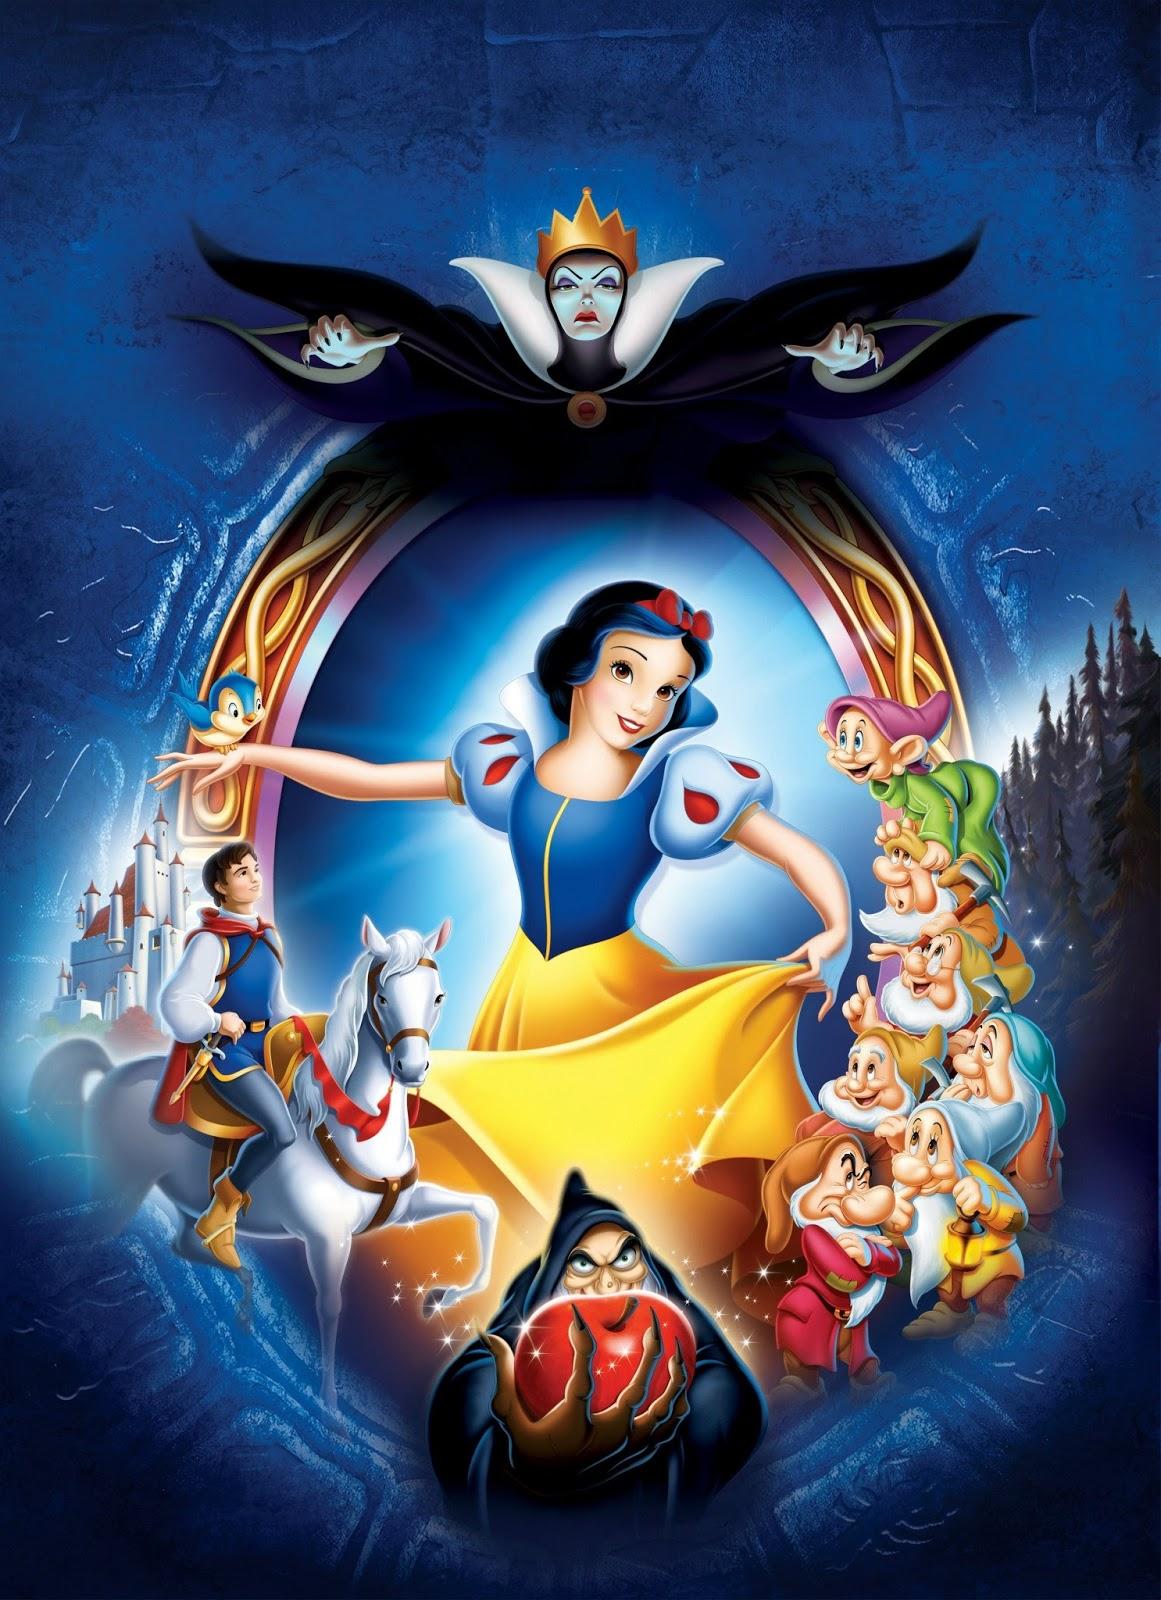 Tómbola Disney 01 Blancanieves Y Los Siete Enanitos